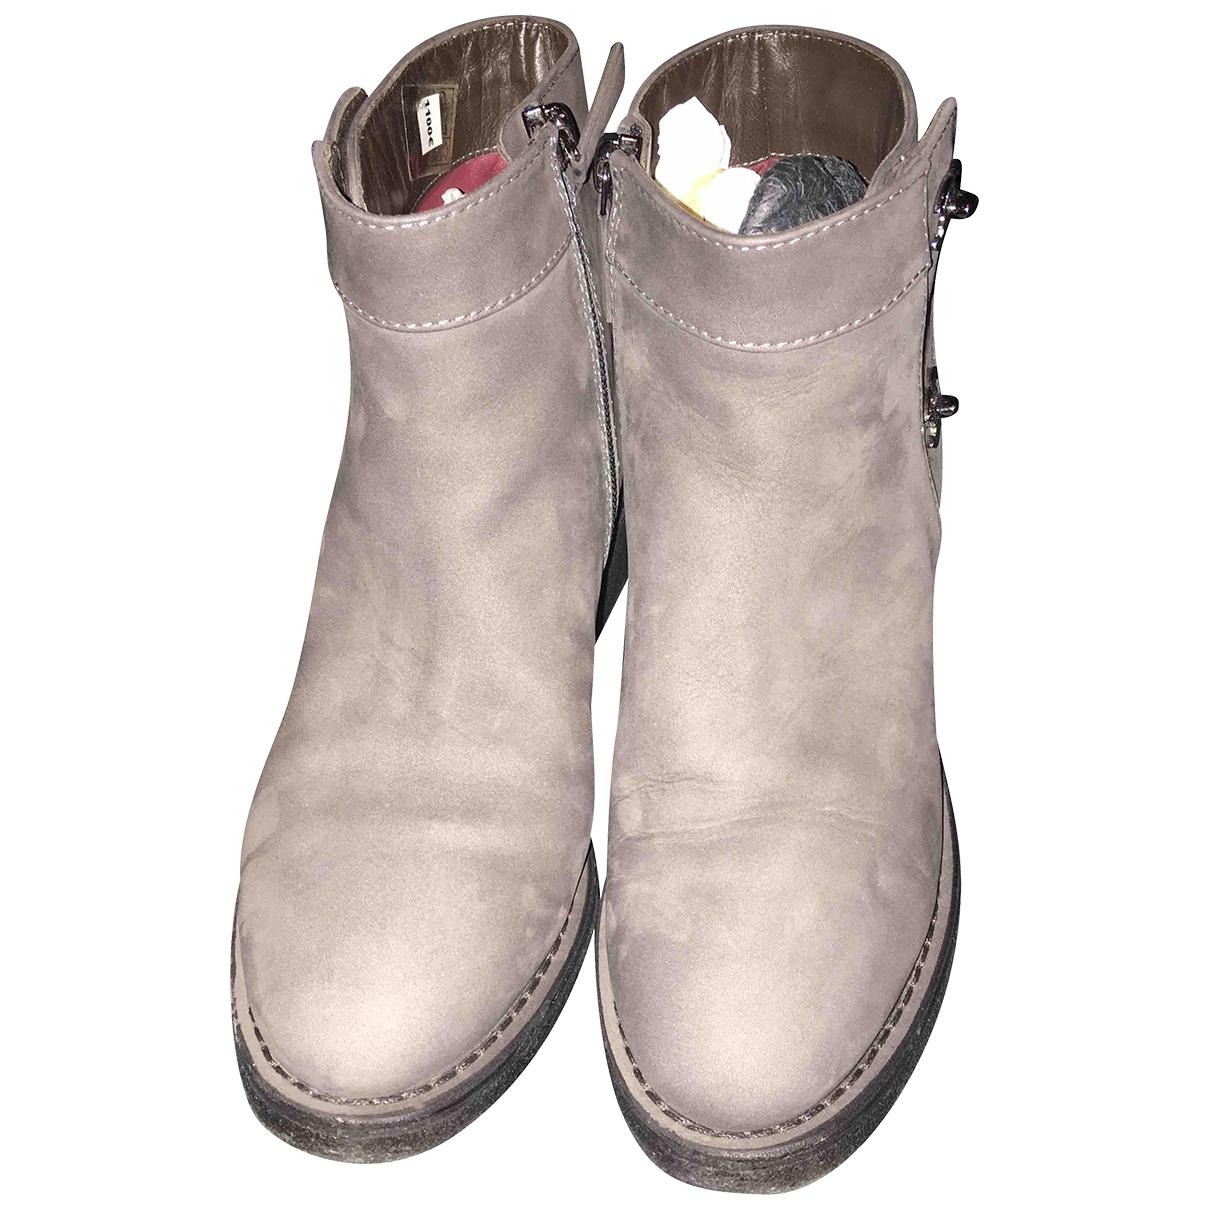 Chanel - Boots   pour femme en suede - gris